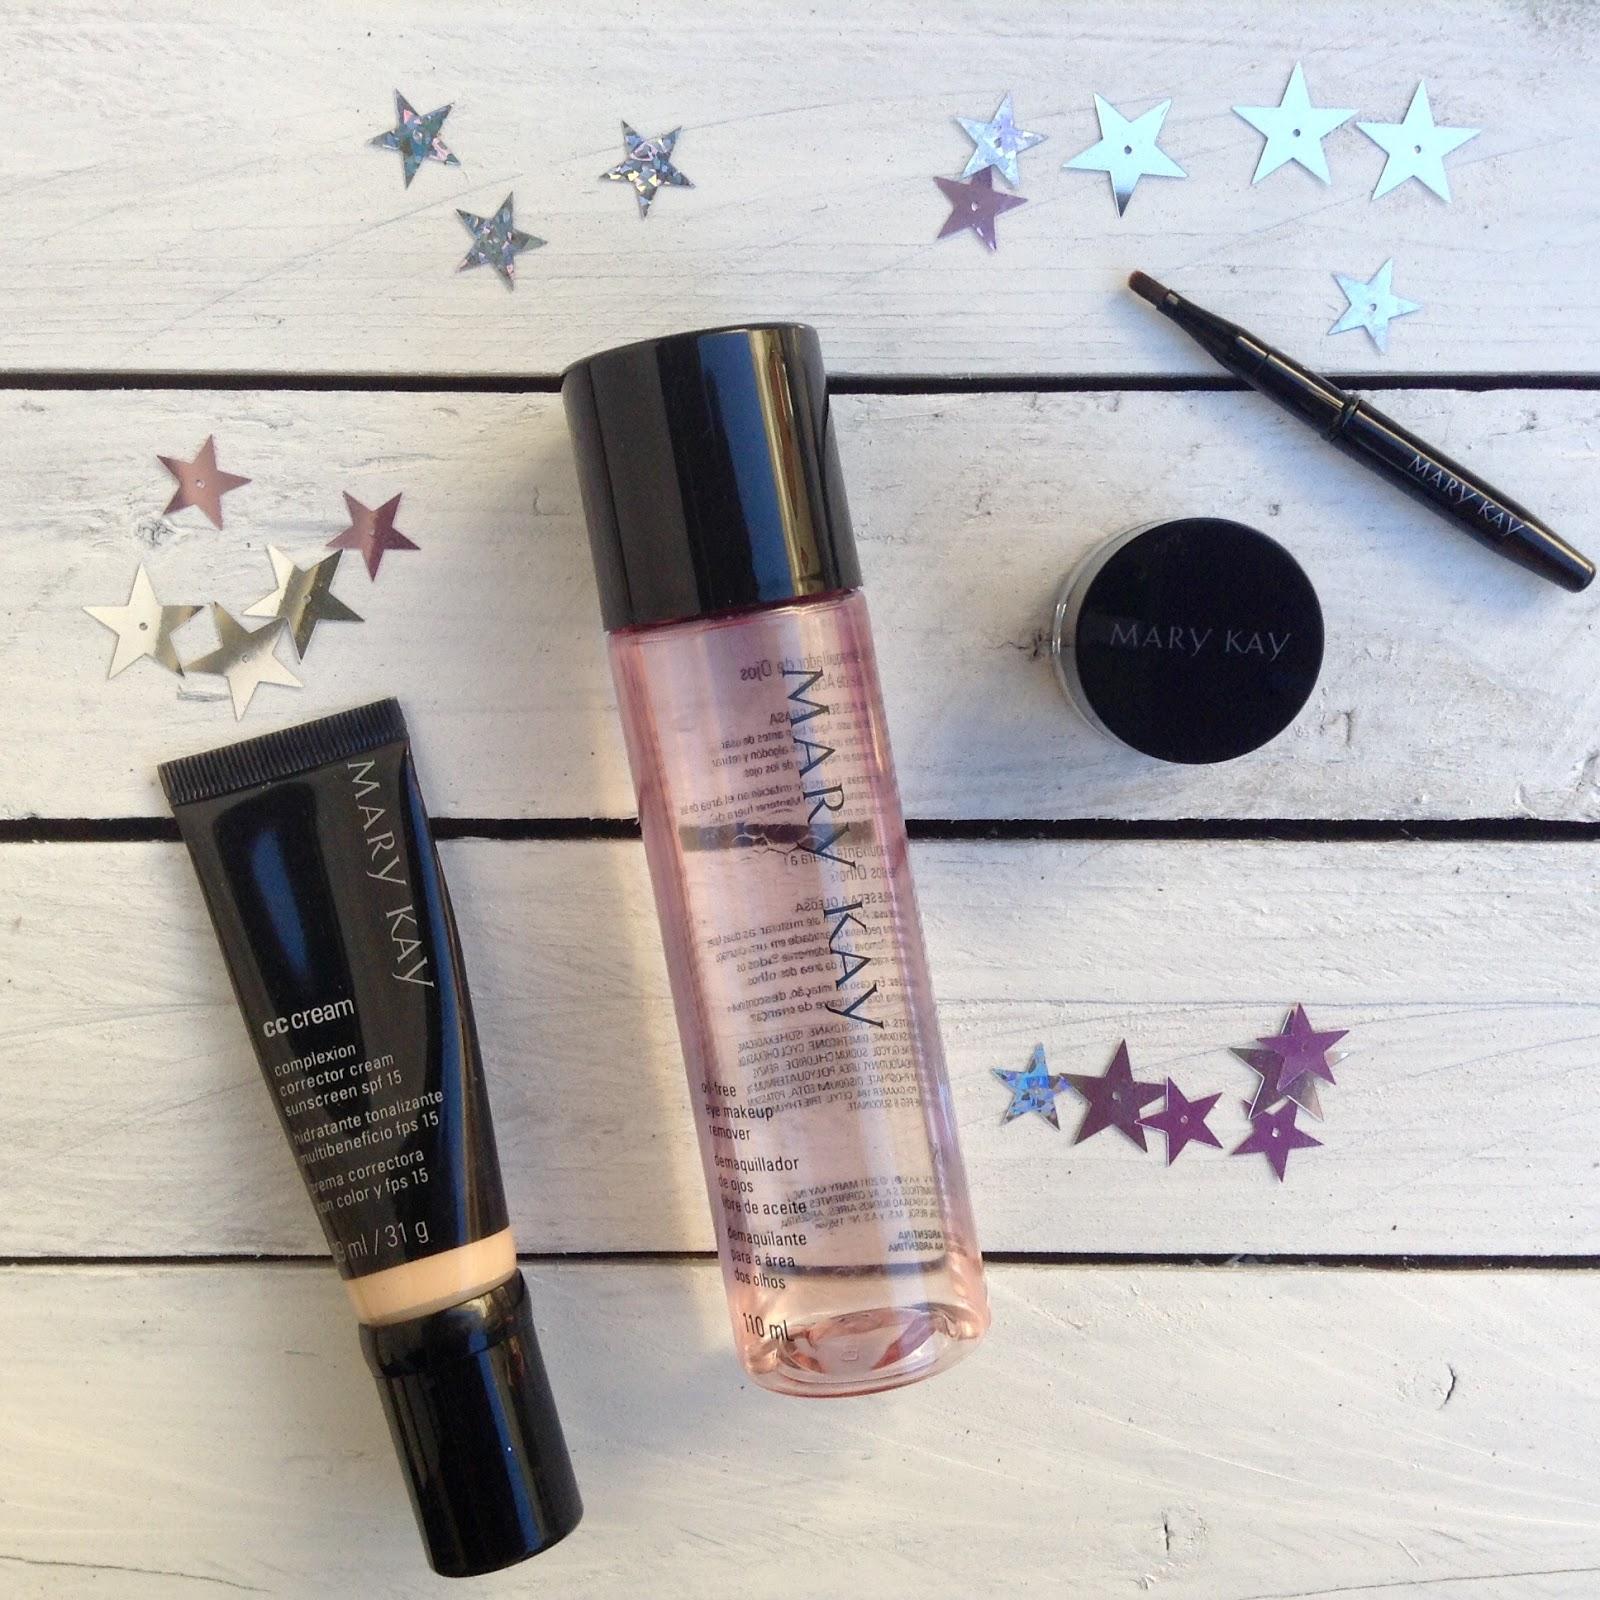 Tres productos favoritos de Mary Kay: Stardoll Estudio: Blog de belleza y moda Argentina